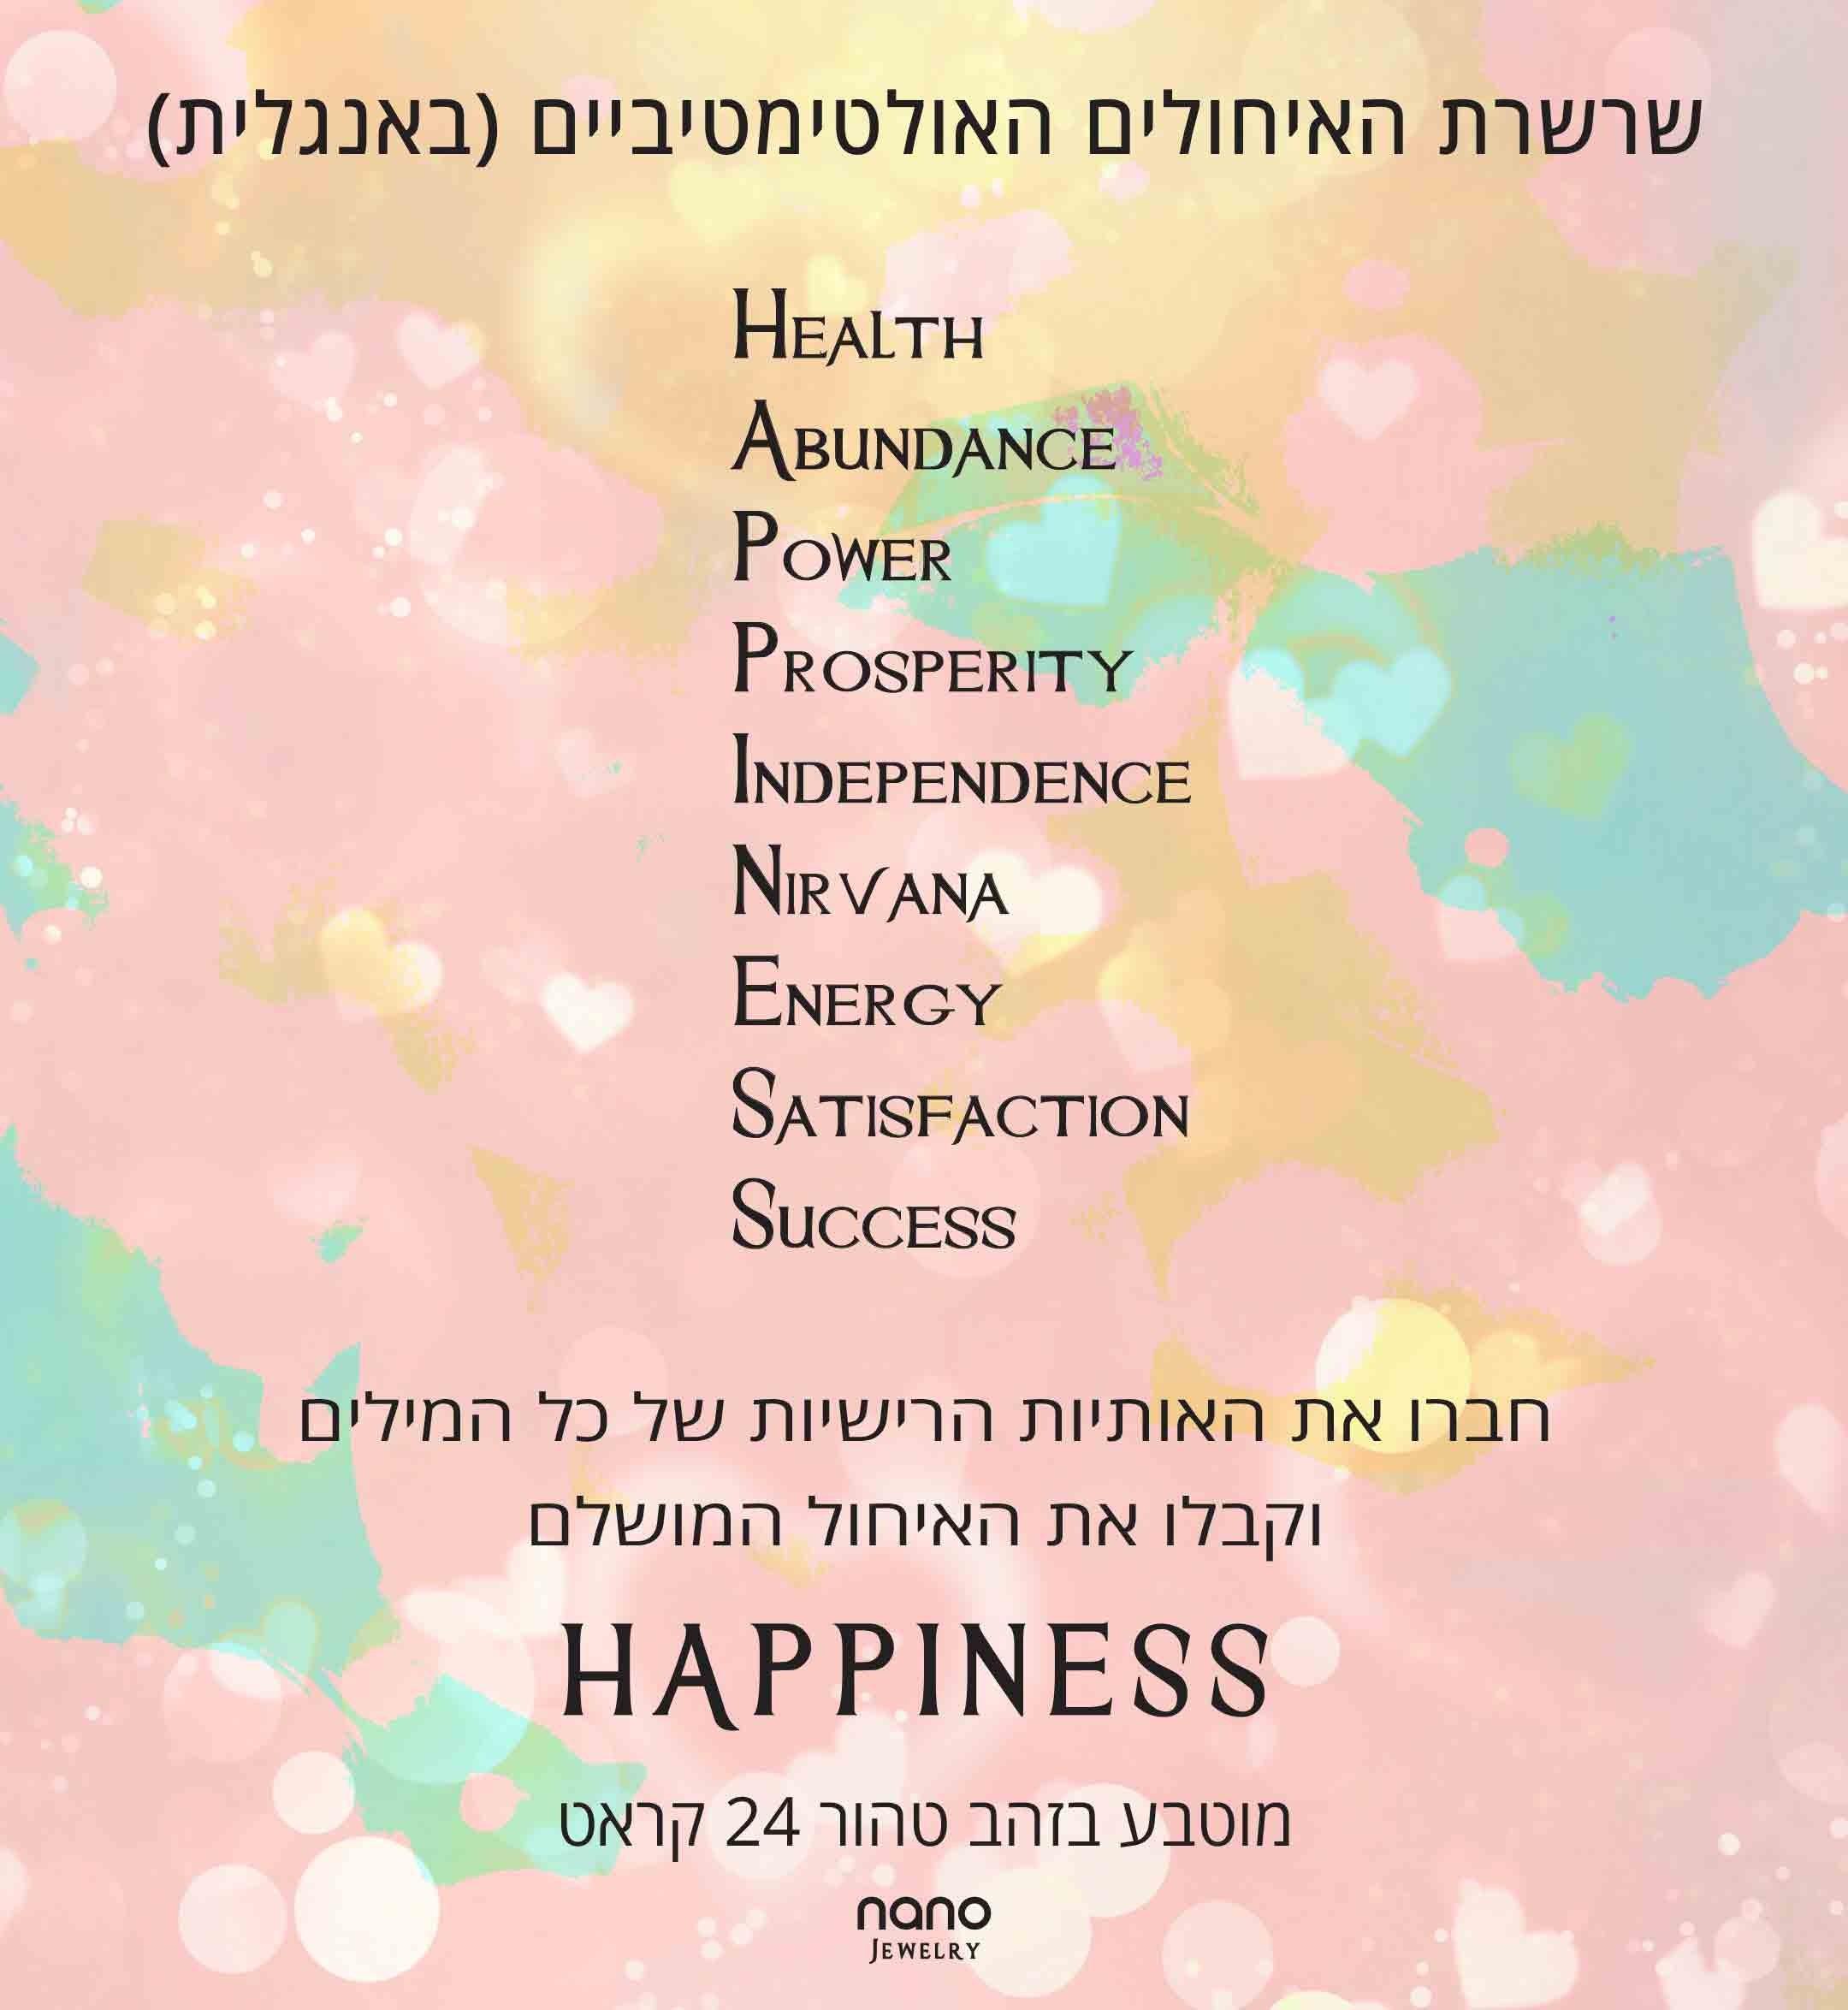 תכשיטים לאישה ליום הולדת– תכשיט עם איחולים לאושר-Happiness – ננו תכשיטיםתכשיטים לאישה ליום הולדת– תכשיט עם איחולים לאושר-Happiness – ננו תכשיטים